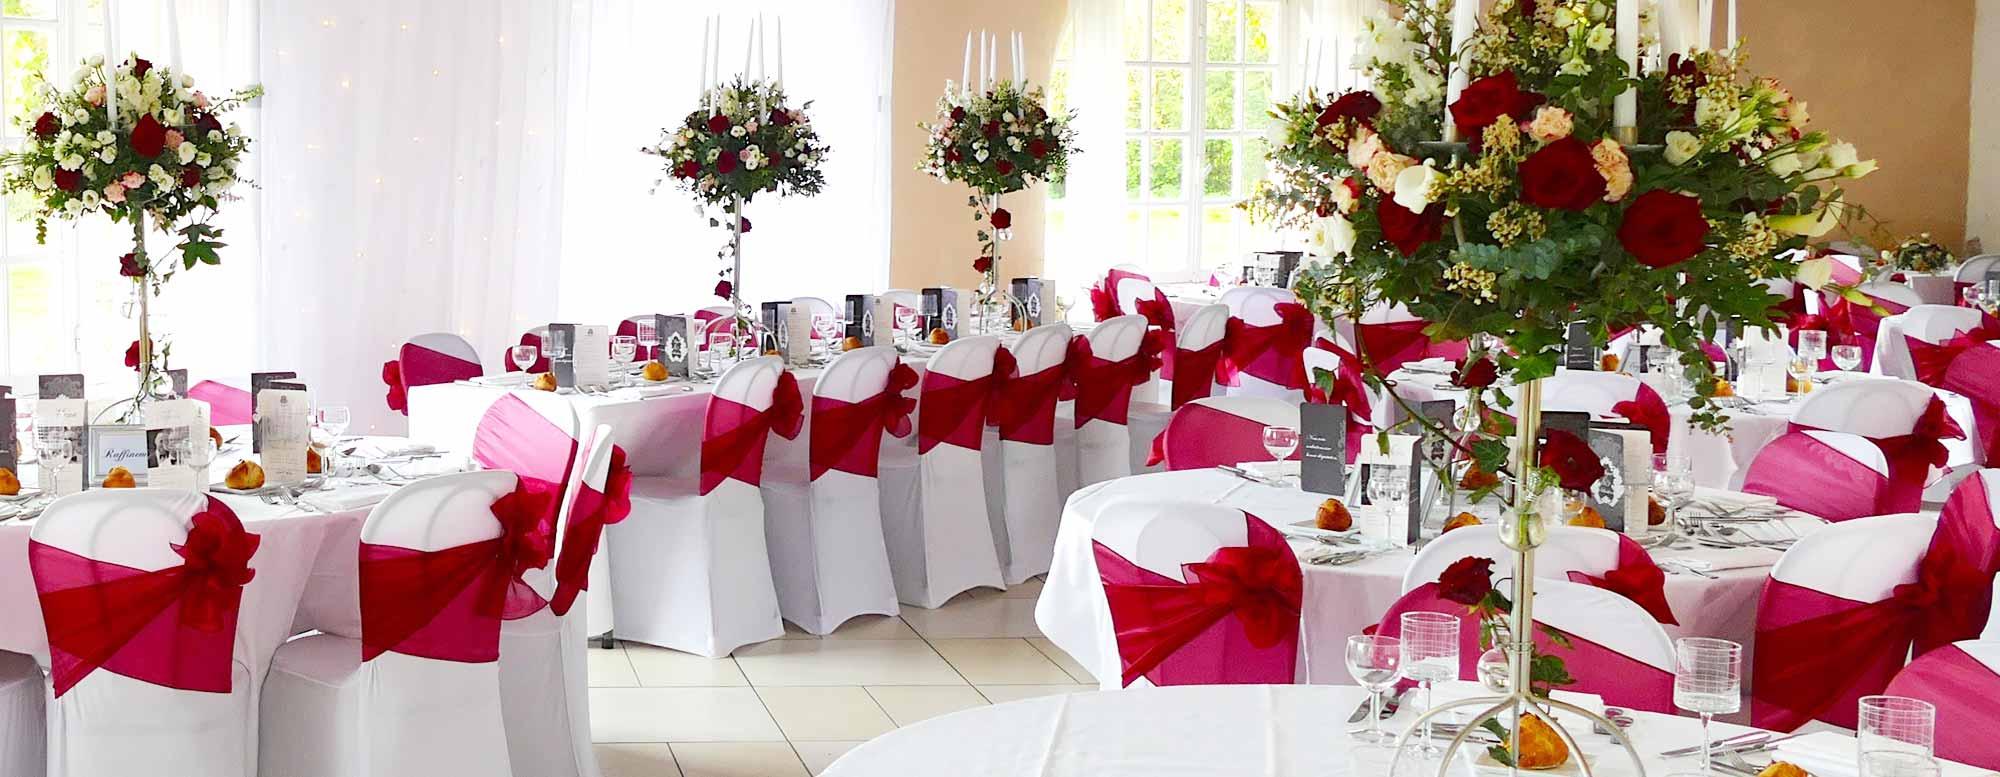 Location salle de r ception mariage et v nementiel en seine et marne 77 - Deco jardin pour mariage vitry sur seine ...